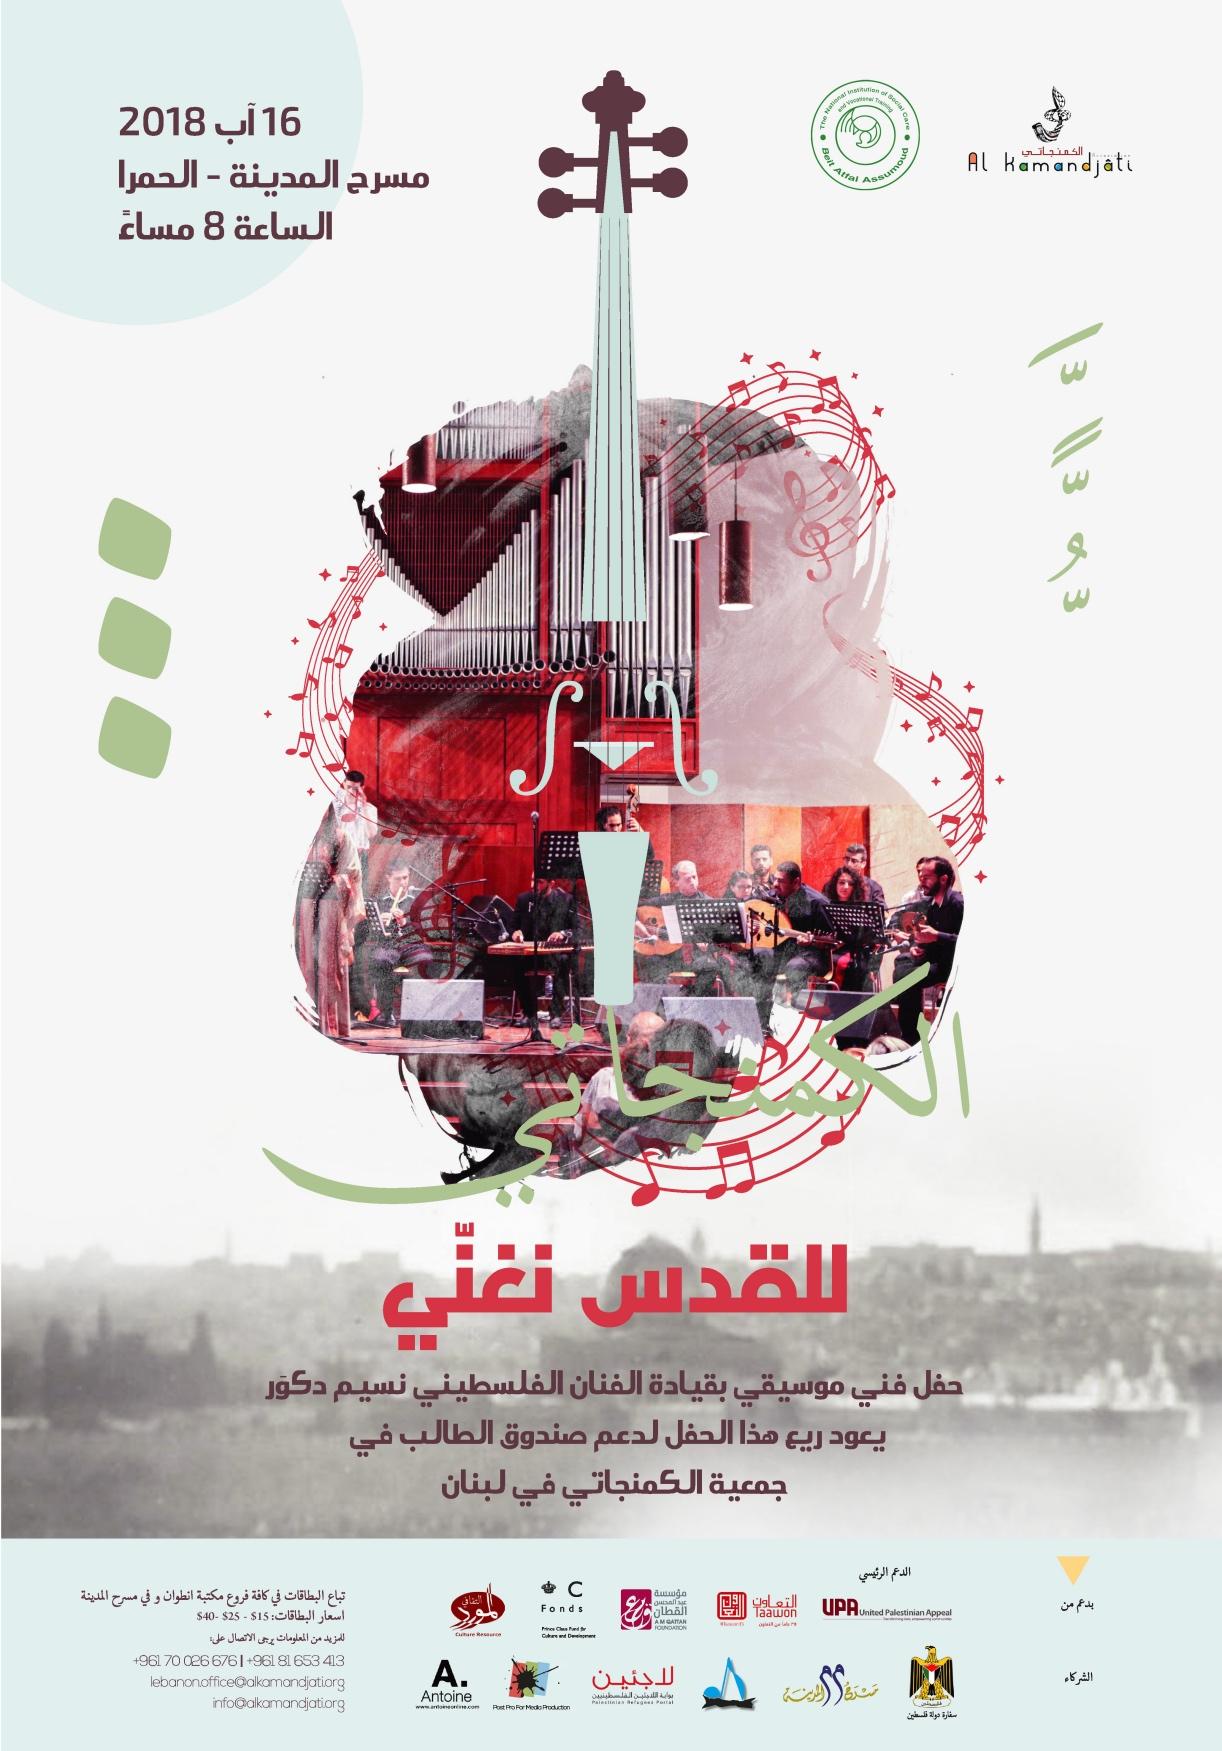 للقدس نغني.. نسيم دكوَر والكمنجاتي في بيروت